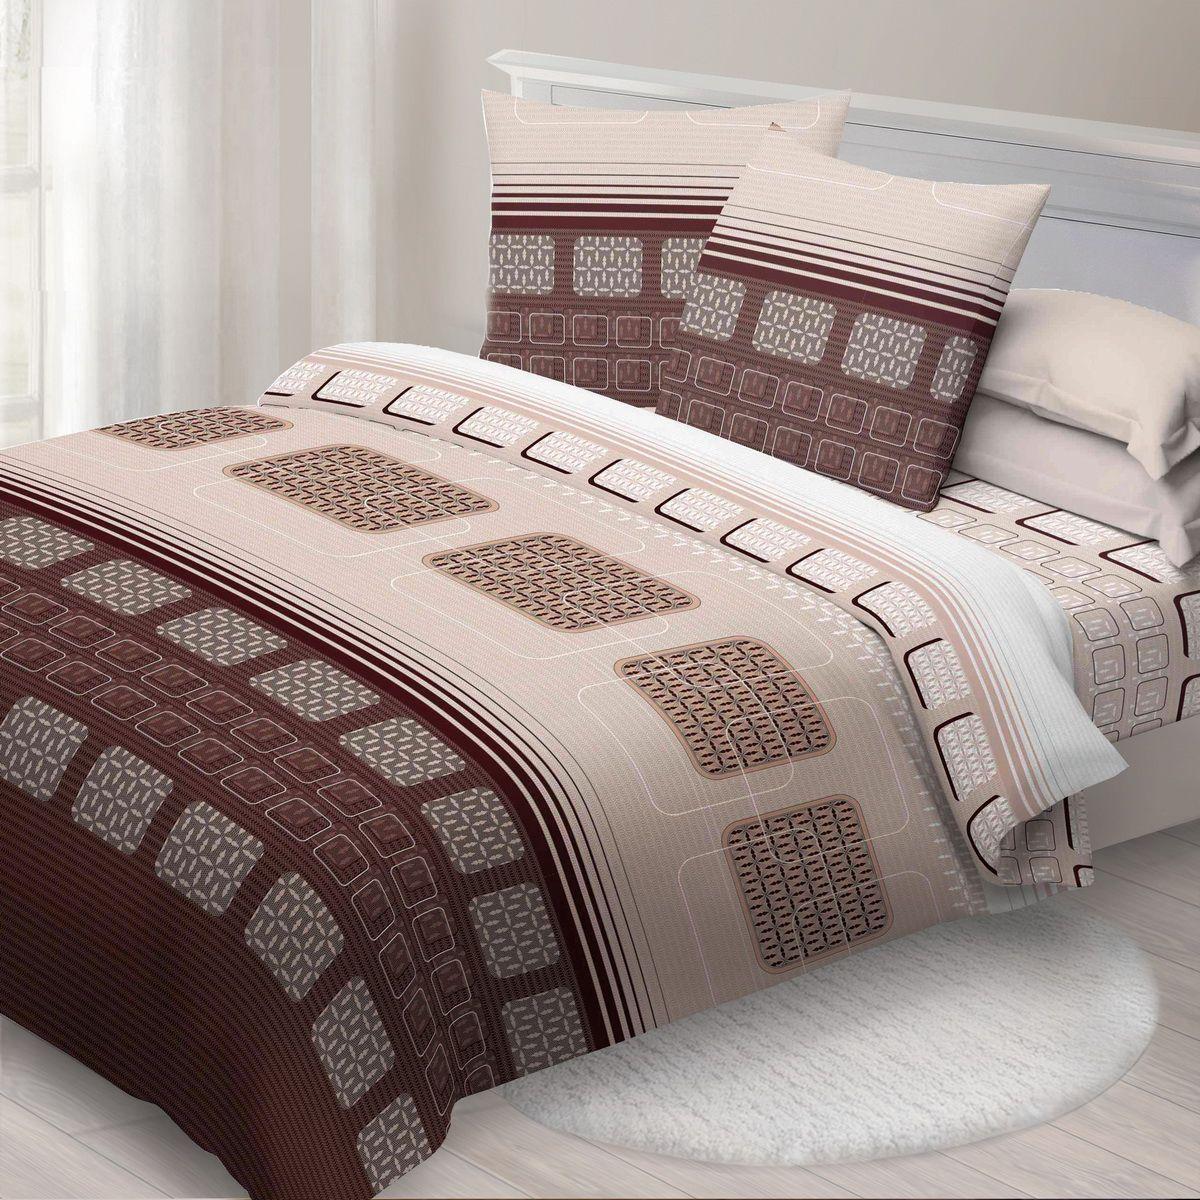 Комплект белья Спал Спалыч Синтез, 1,5-спальный, наволочки 70х70 комплект белья спал спалыч форте евро наволочки 70х70